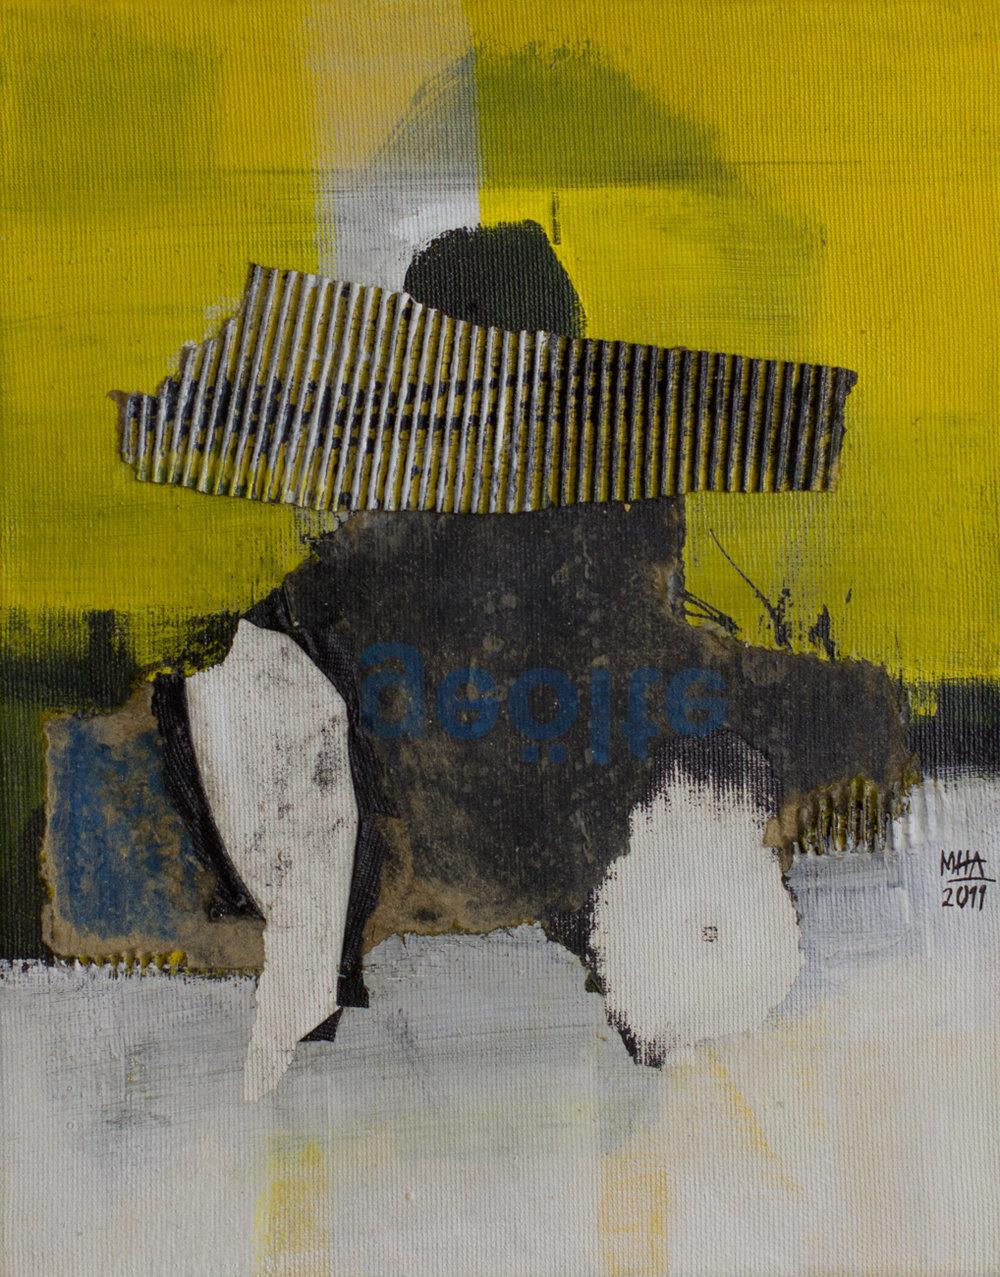 gelbes Bild A , 2011,Collage mit Acryl auf Leinwand, 24x30 cm